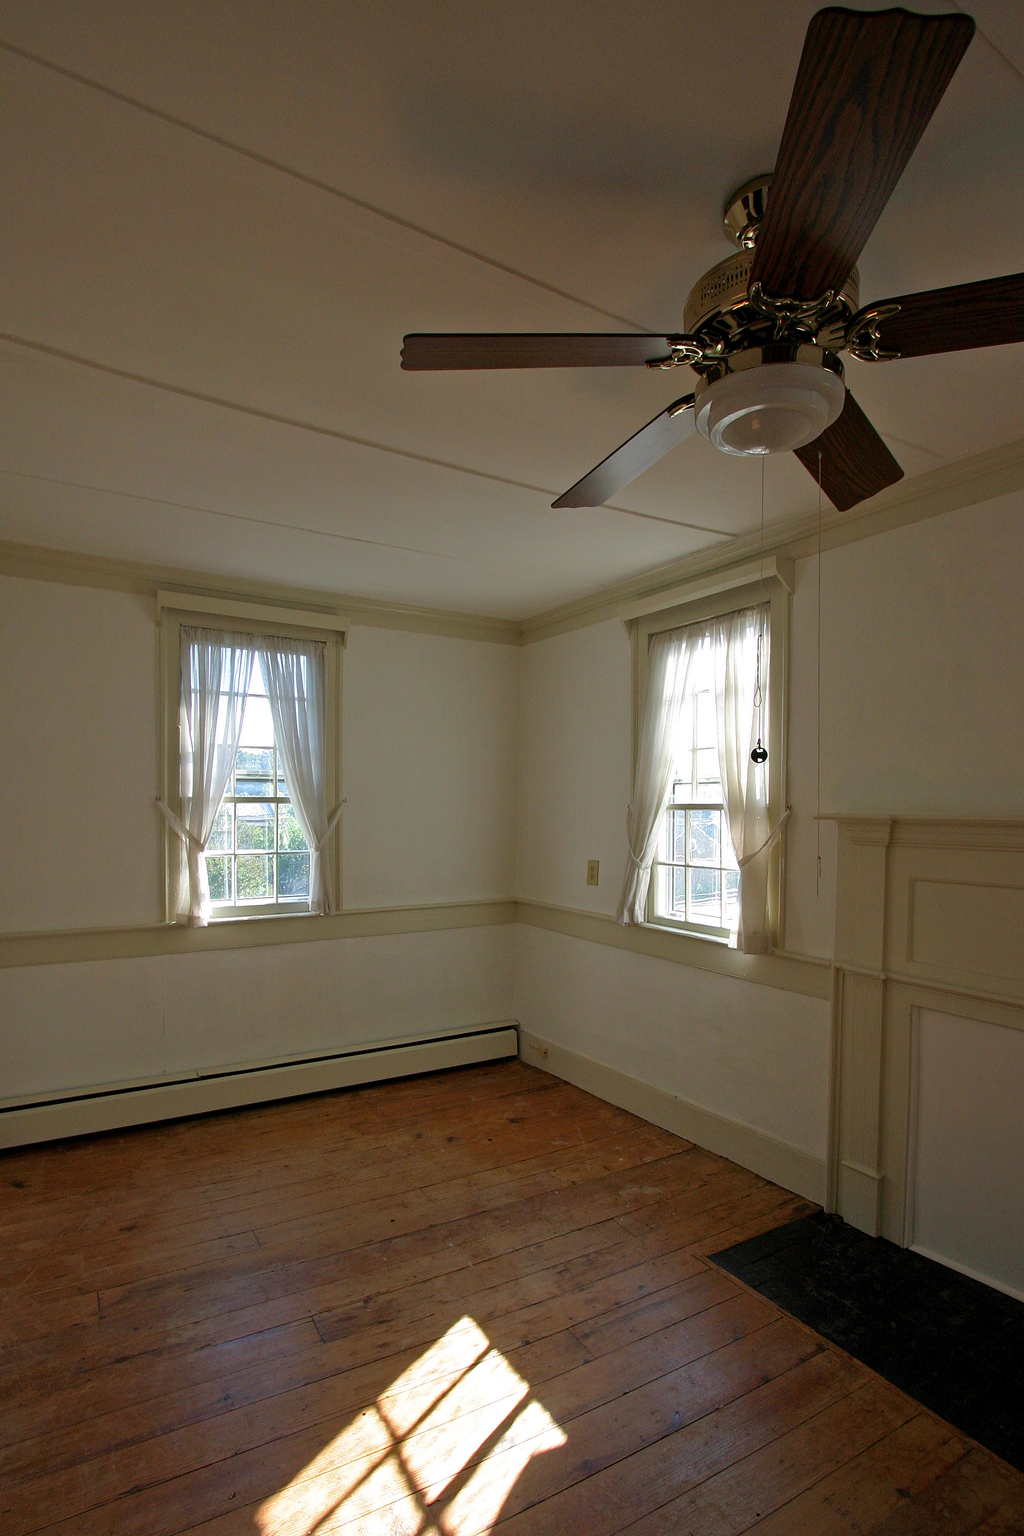 west bedroom light